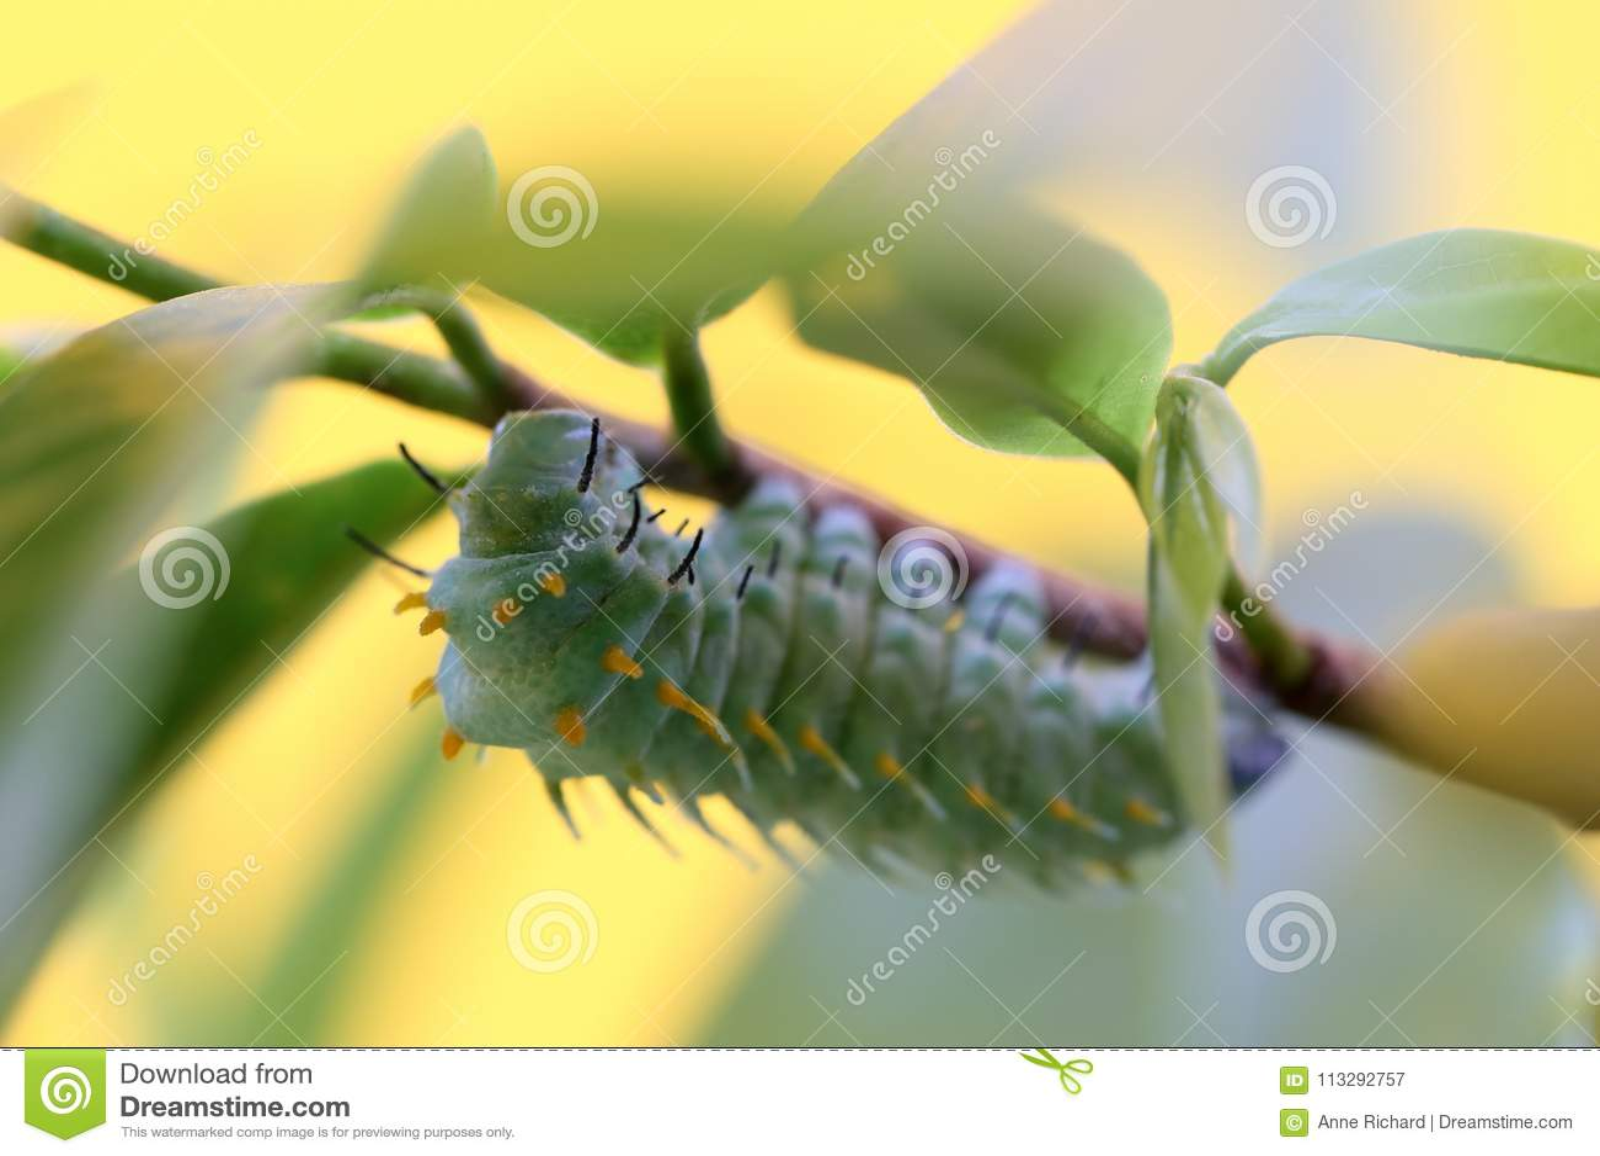 Trattore a cingoli gigante del lepidottero di seta